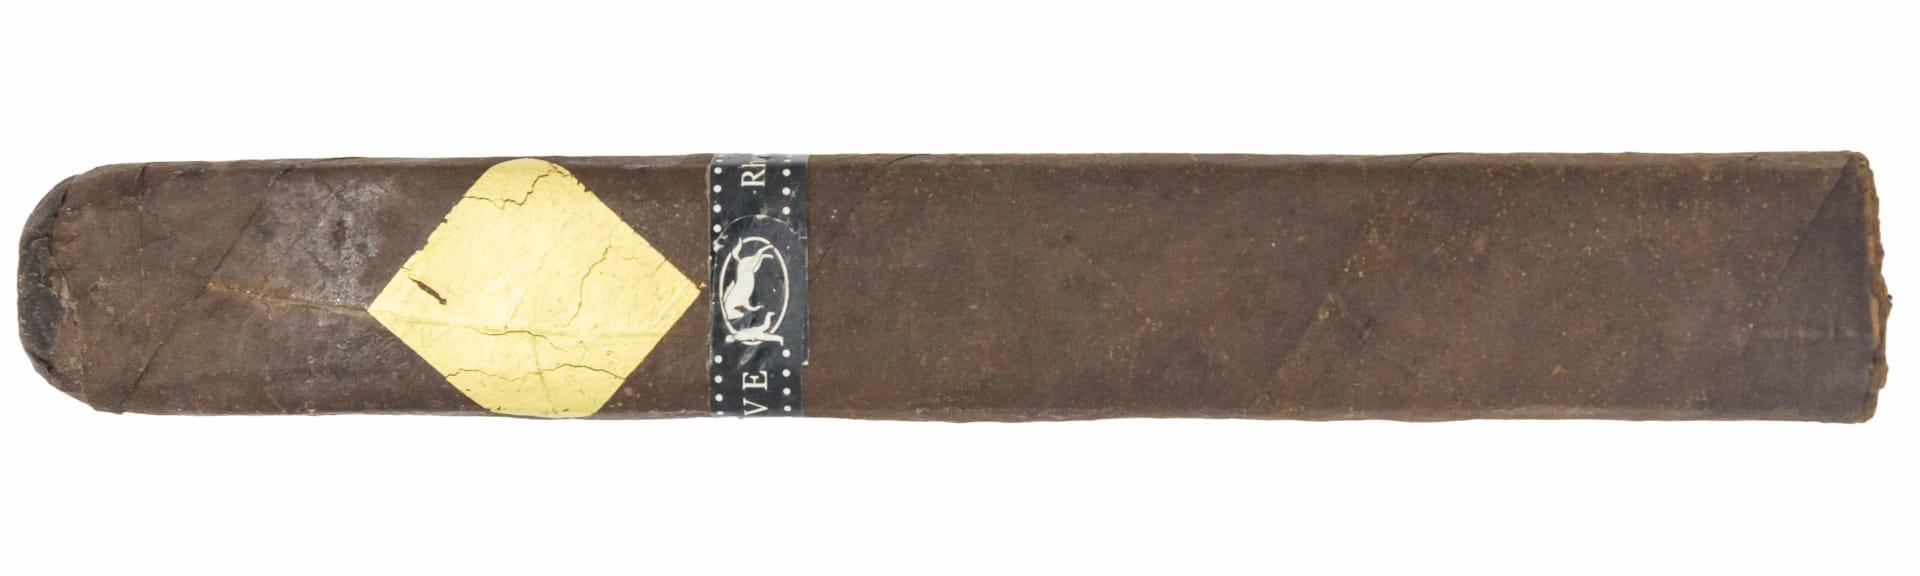 Blind Cigar Review: Cavalier Genève | Black Series II Toro Featured Image